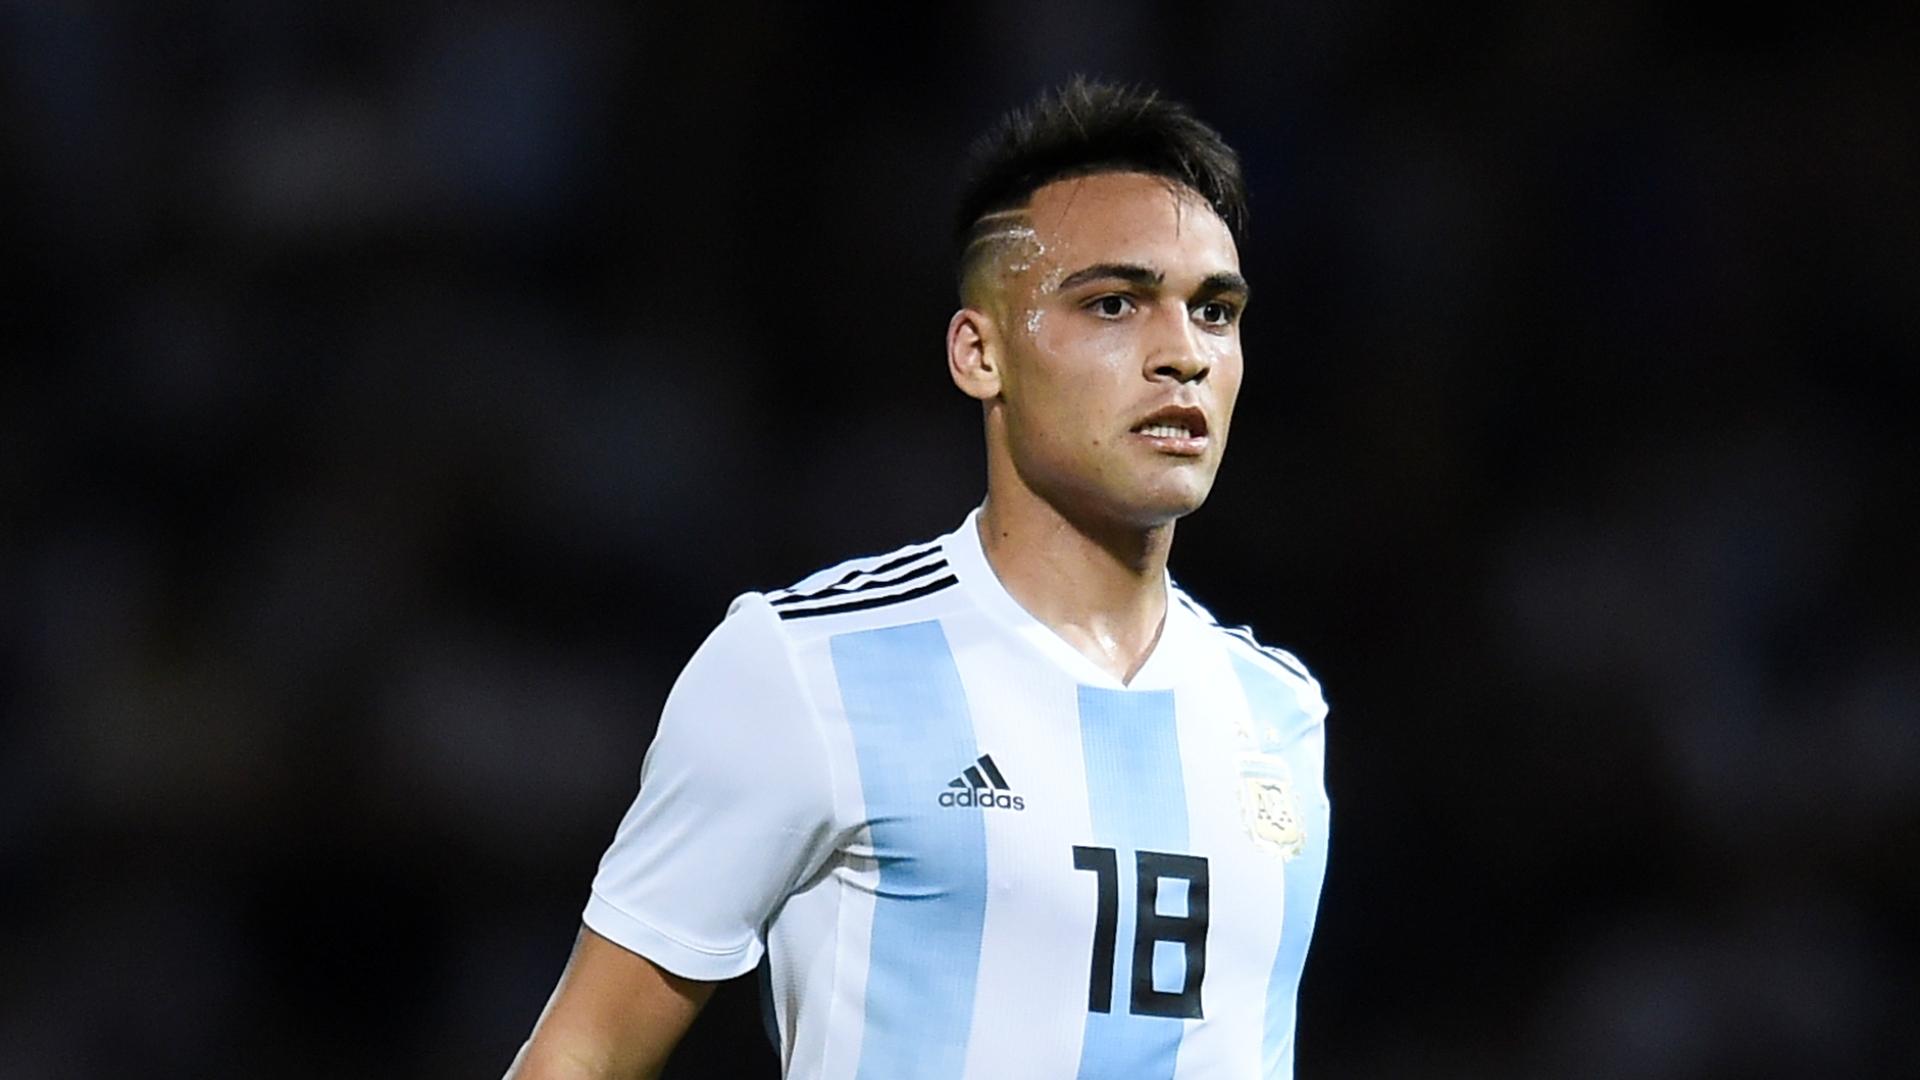 Lautaro Martinez - Argentina